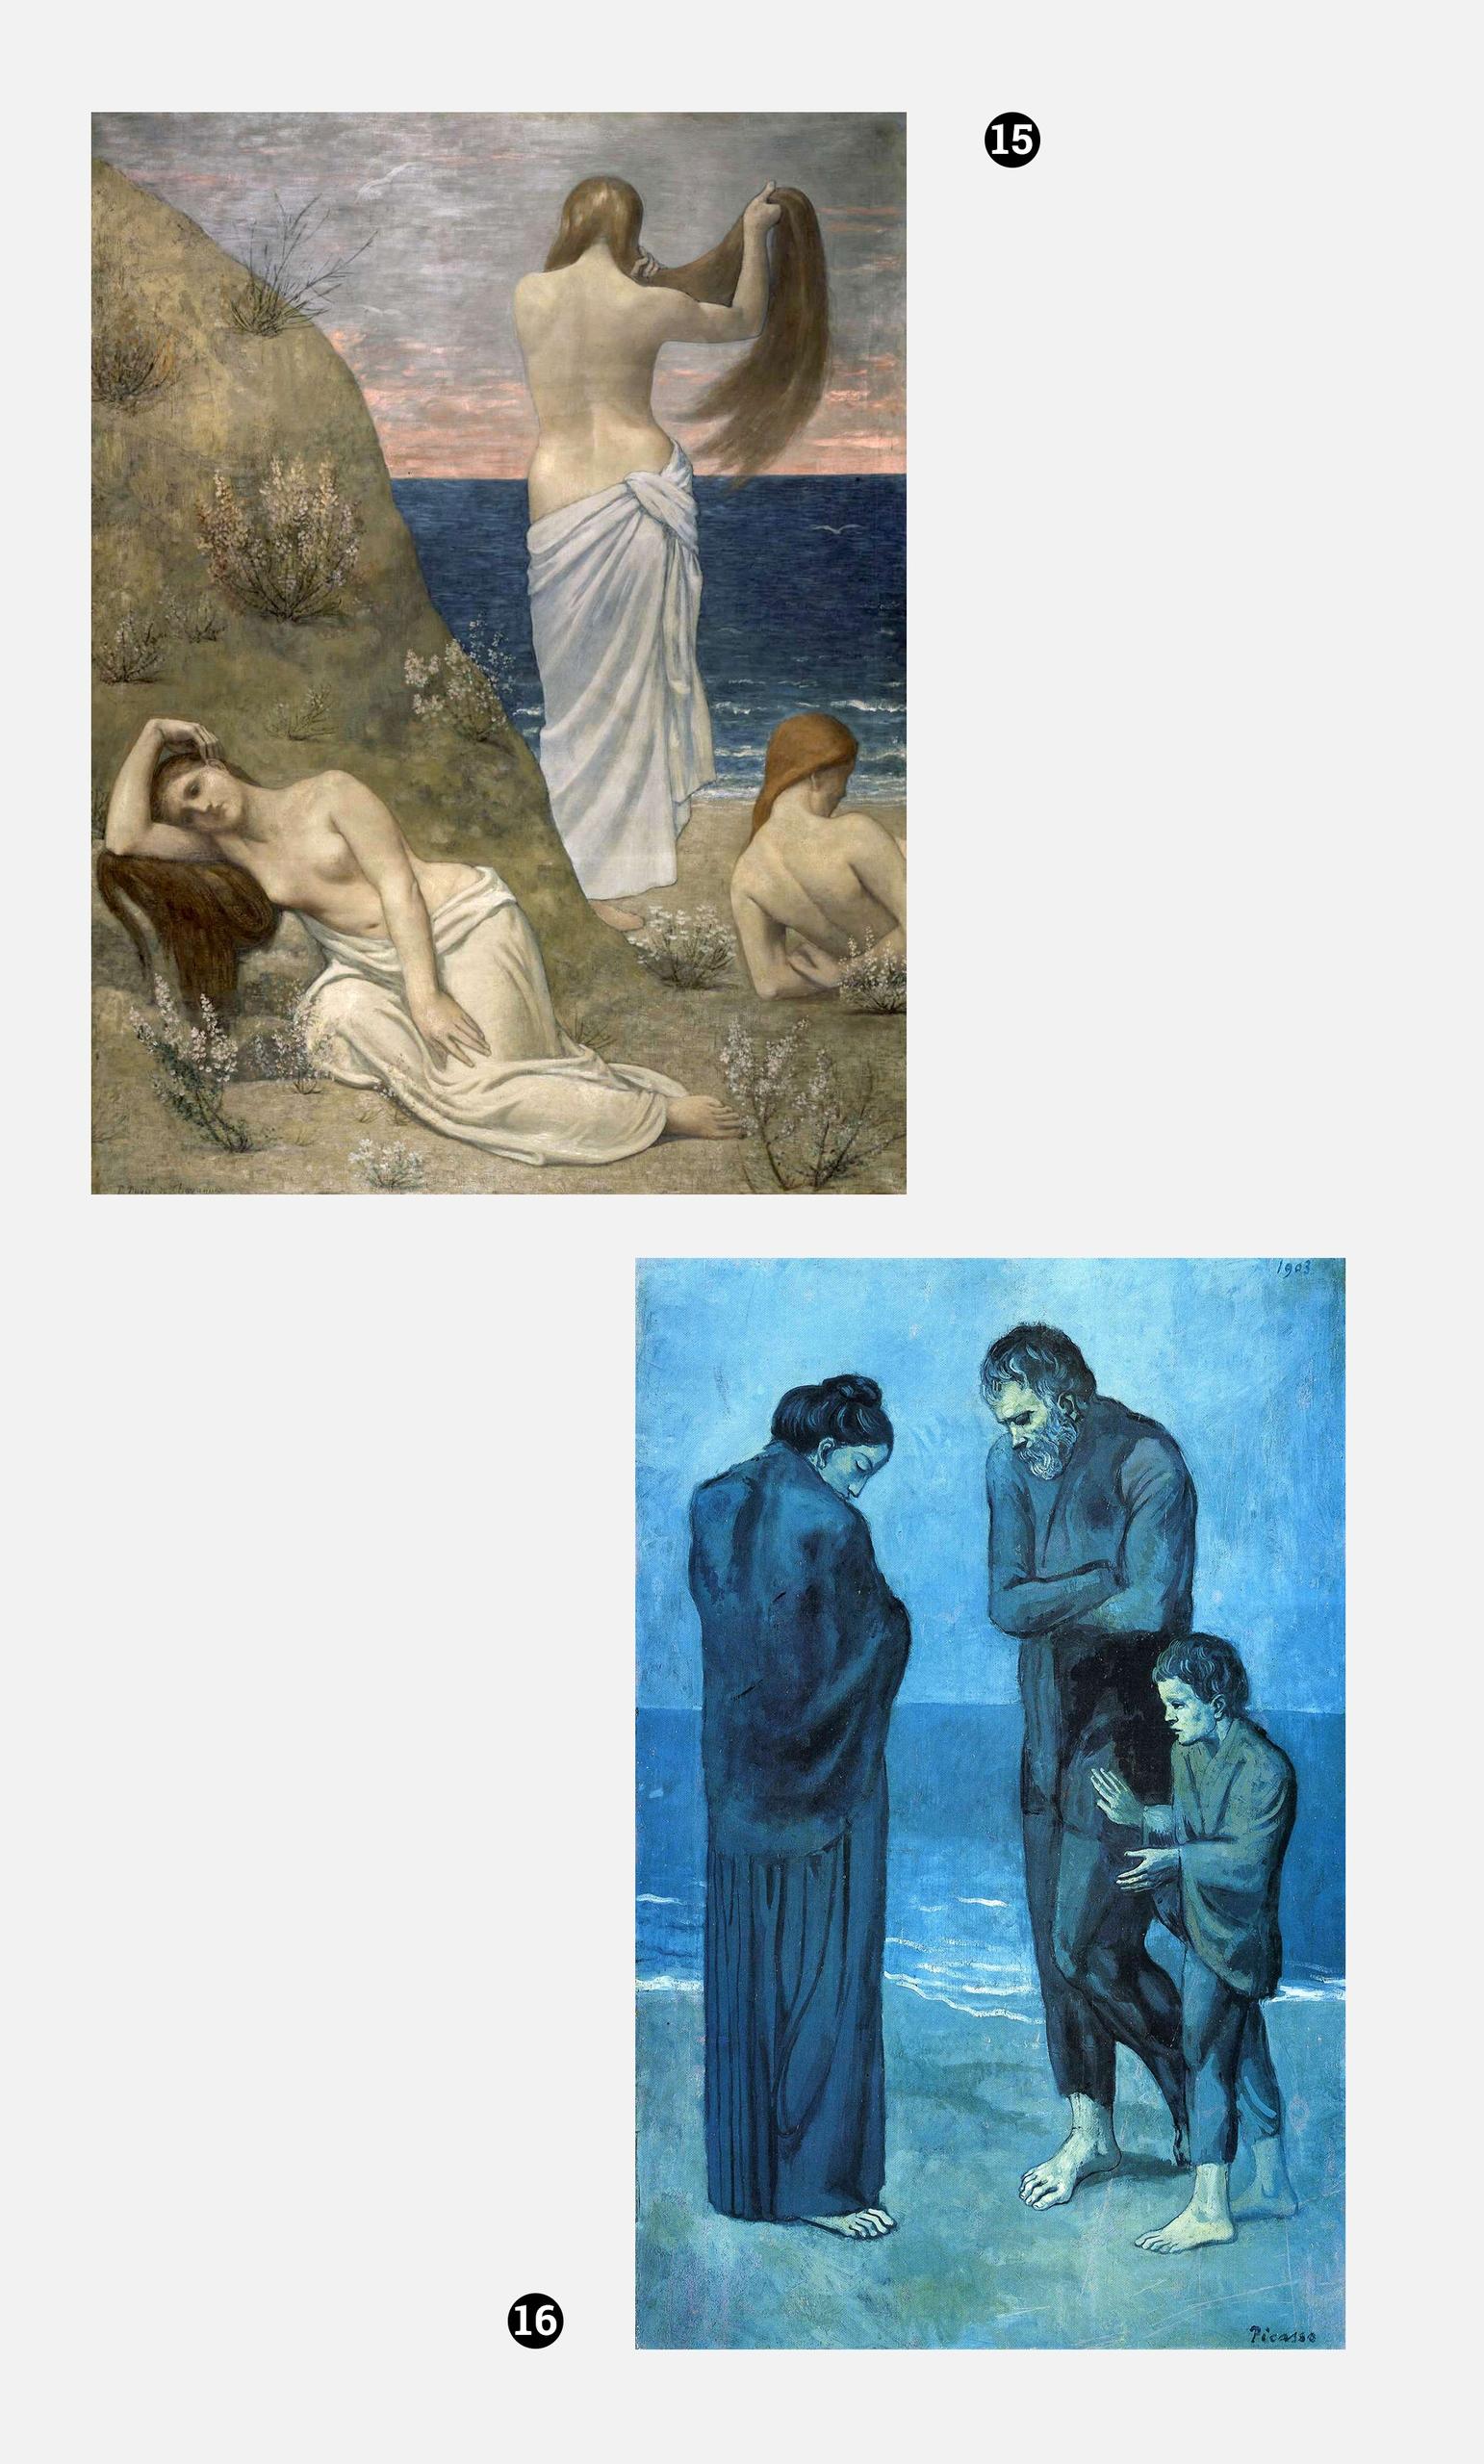 Obraz przedstawia dwa zdjęcia obrazów, obrazy są numerowane i znajdują się na szarym tle.